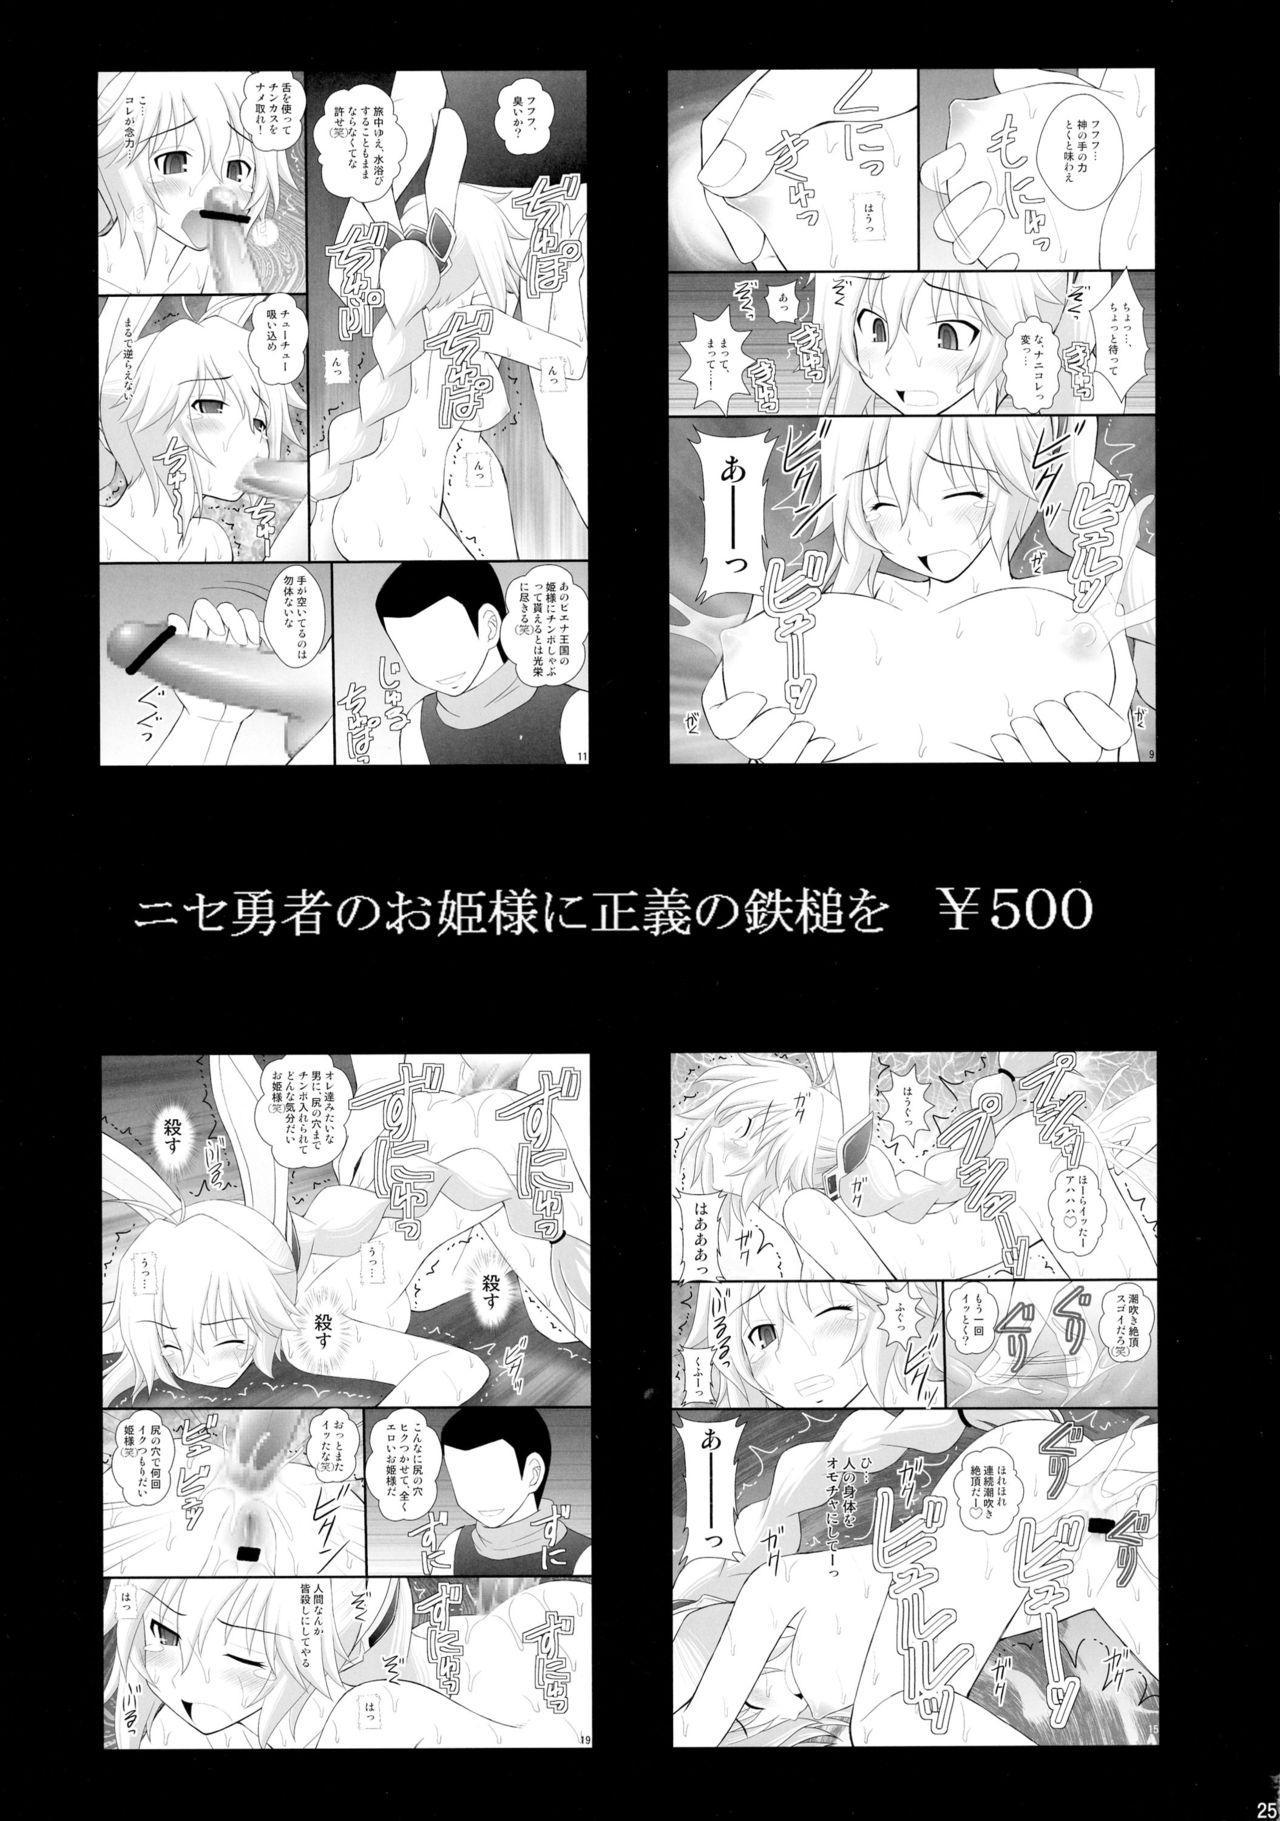 Kizuna no Ijou na Aijou Mata wa Dorei-tachi wa Ika ni Shite Teikou Suru no o Yamete Ahegao o Suru You ni Natta ka 24